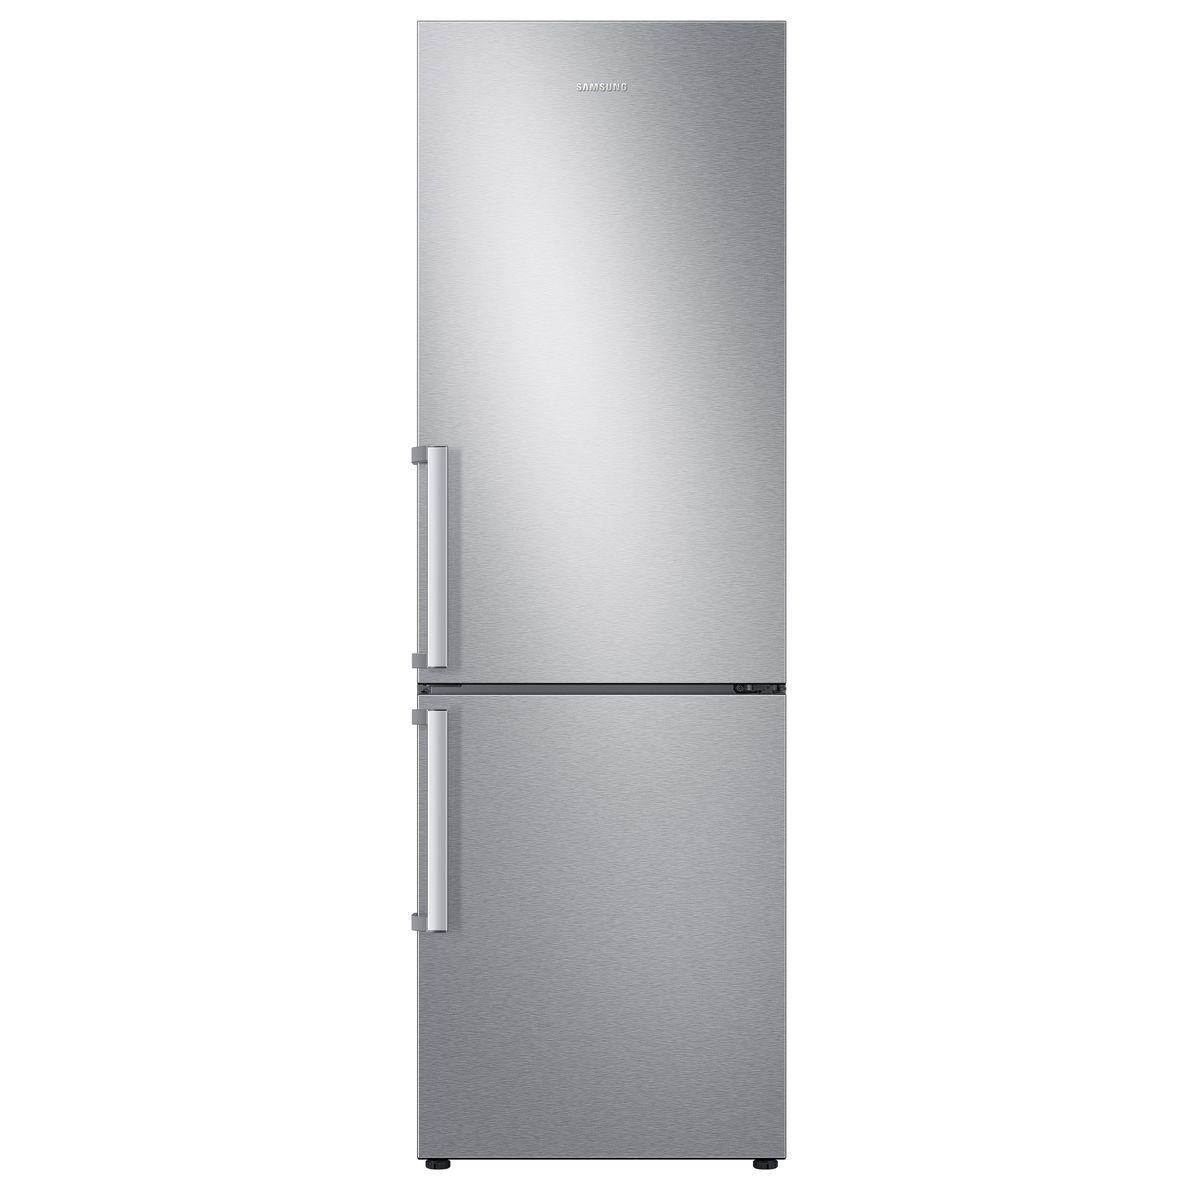 Réfrigérateur combiné RL34T620ESA, 340 L, Froid ventilé